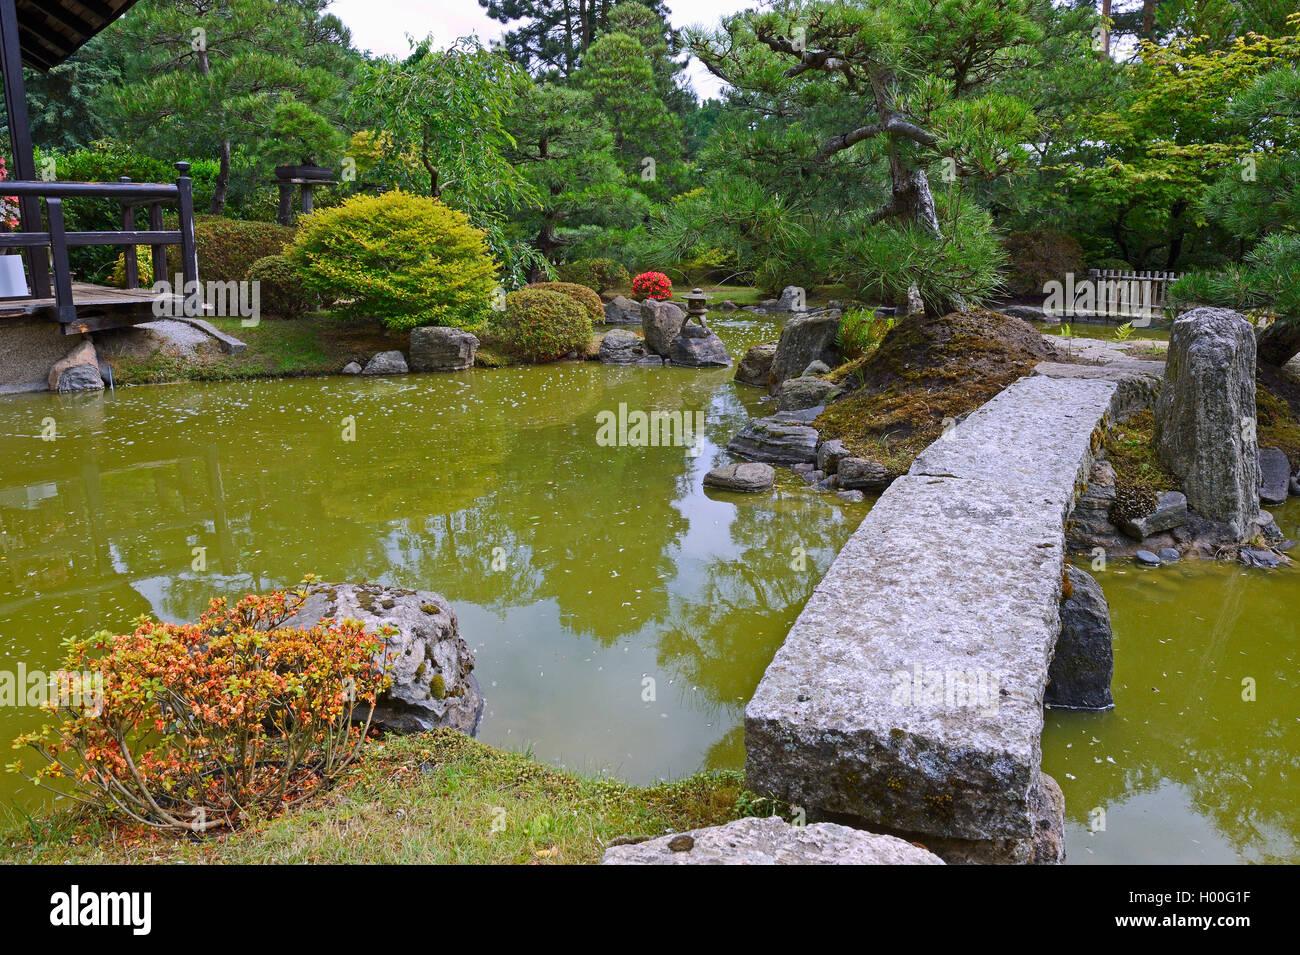 Hochwertig Typischer Gartenlandschaft Garten Mit Steindekorationen Und Koiteich |  Typisch Japanische Garten Mit Stein Dekoration Stockbild